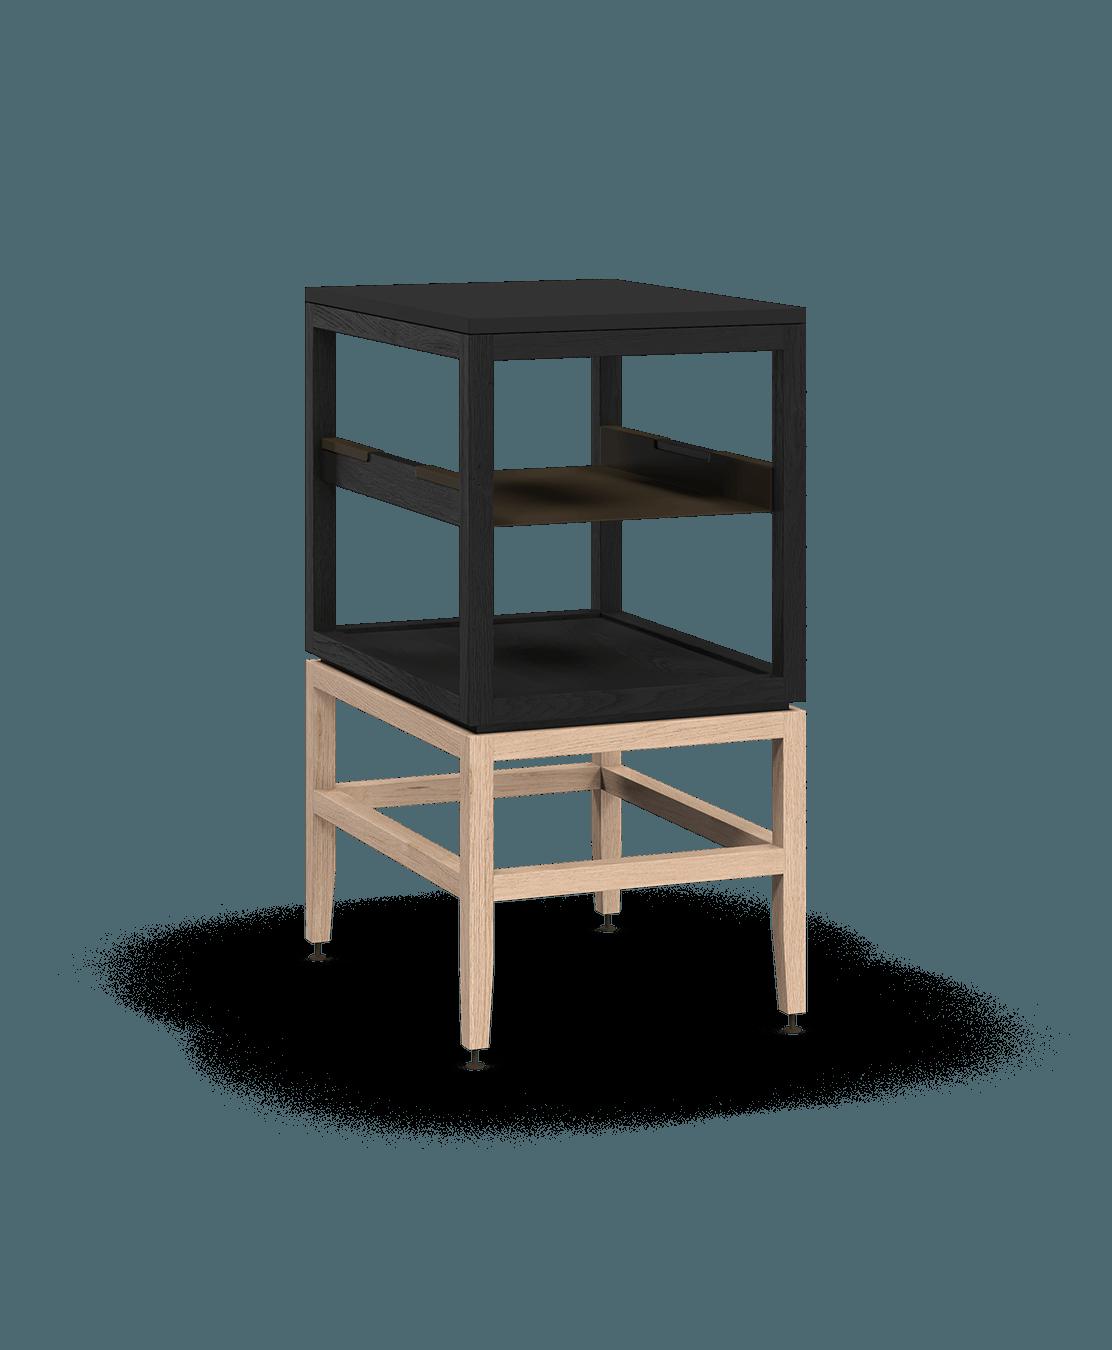 armoire ouverte modulaire de rangement en bois massif coquo volitare avec cube 1 tablette chêne teint noir nuit profonde chêne blanc 18 pouces C2-N-1824-0011-BK-NA